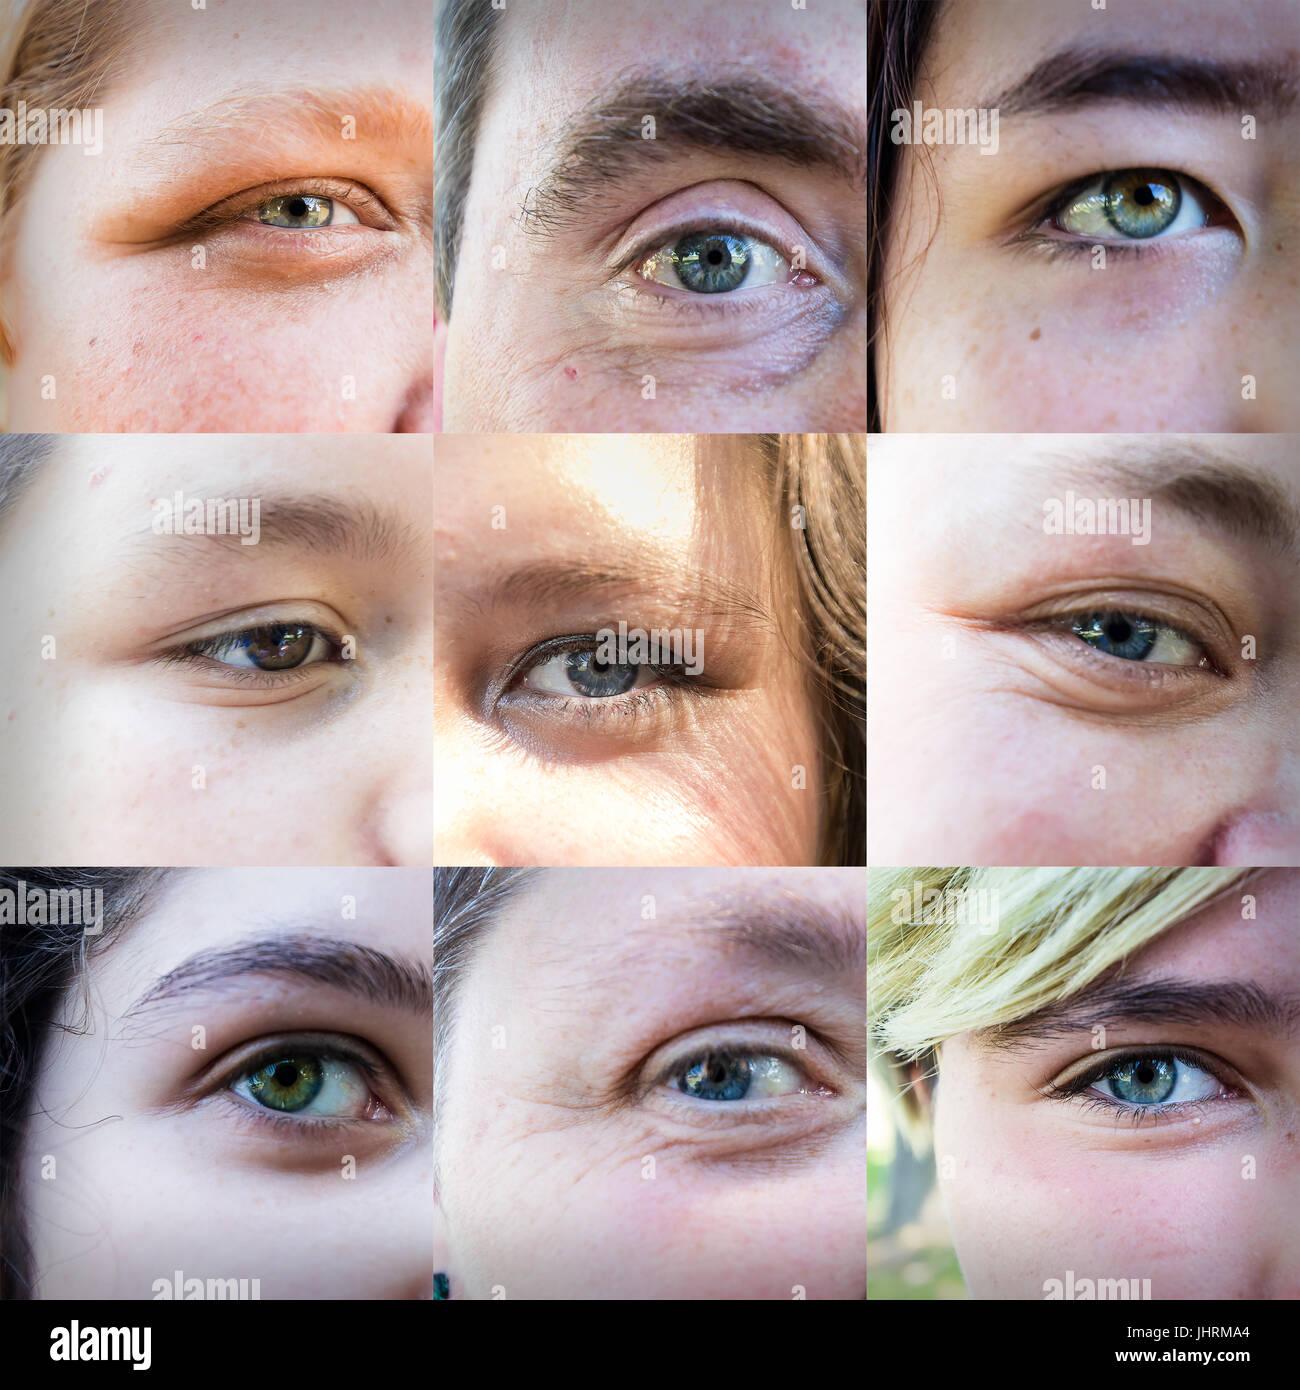 Los primeros nueve ojos yo podría conseguir que se mantenga quieto con una lente prácticamente apoyado Imagen De Stock